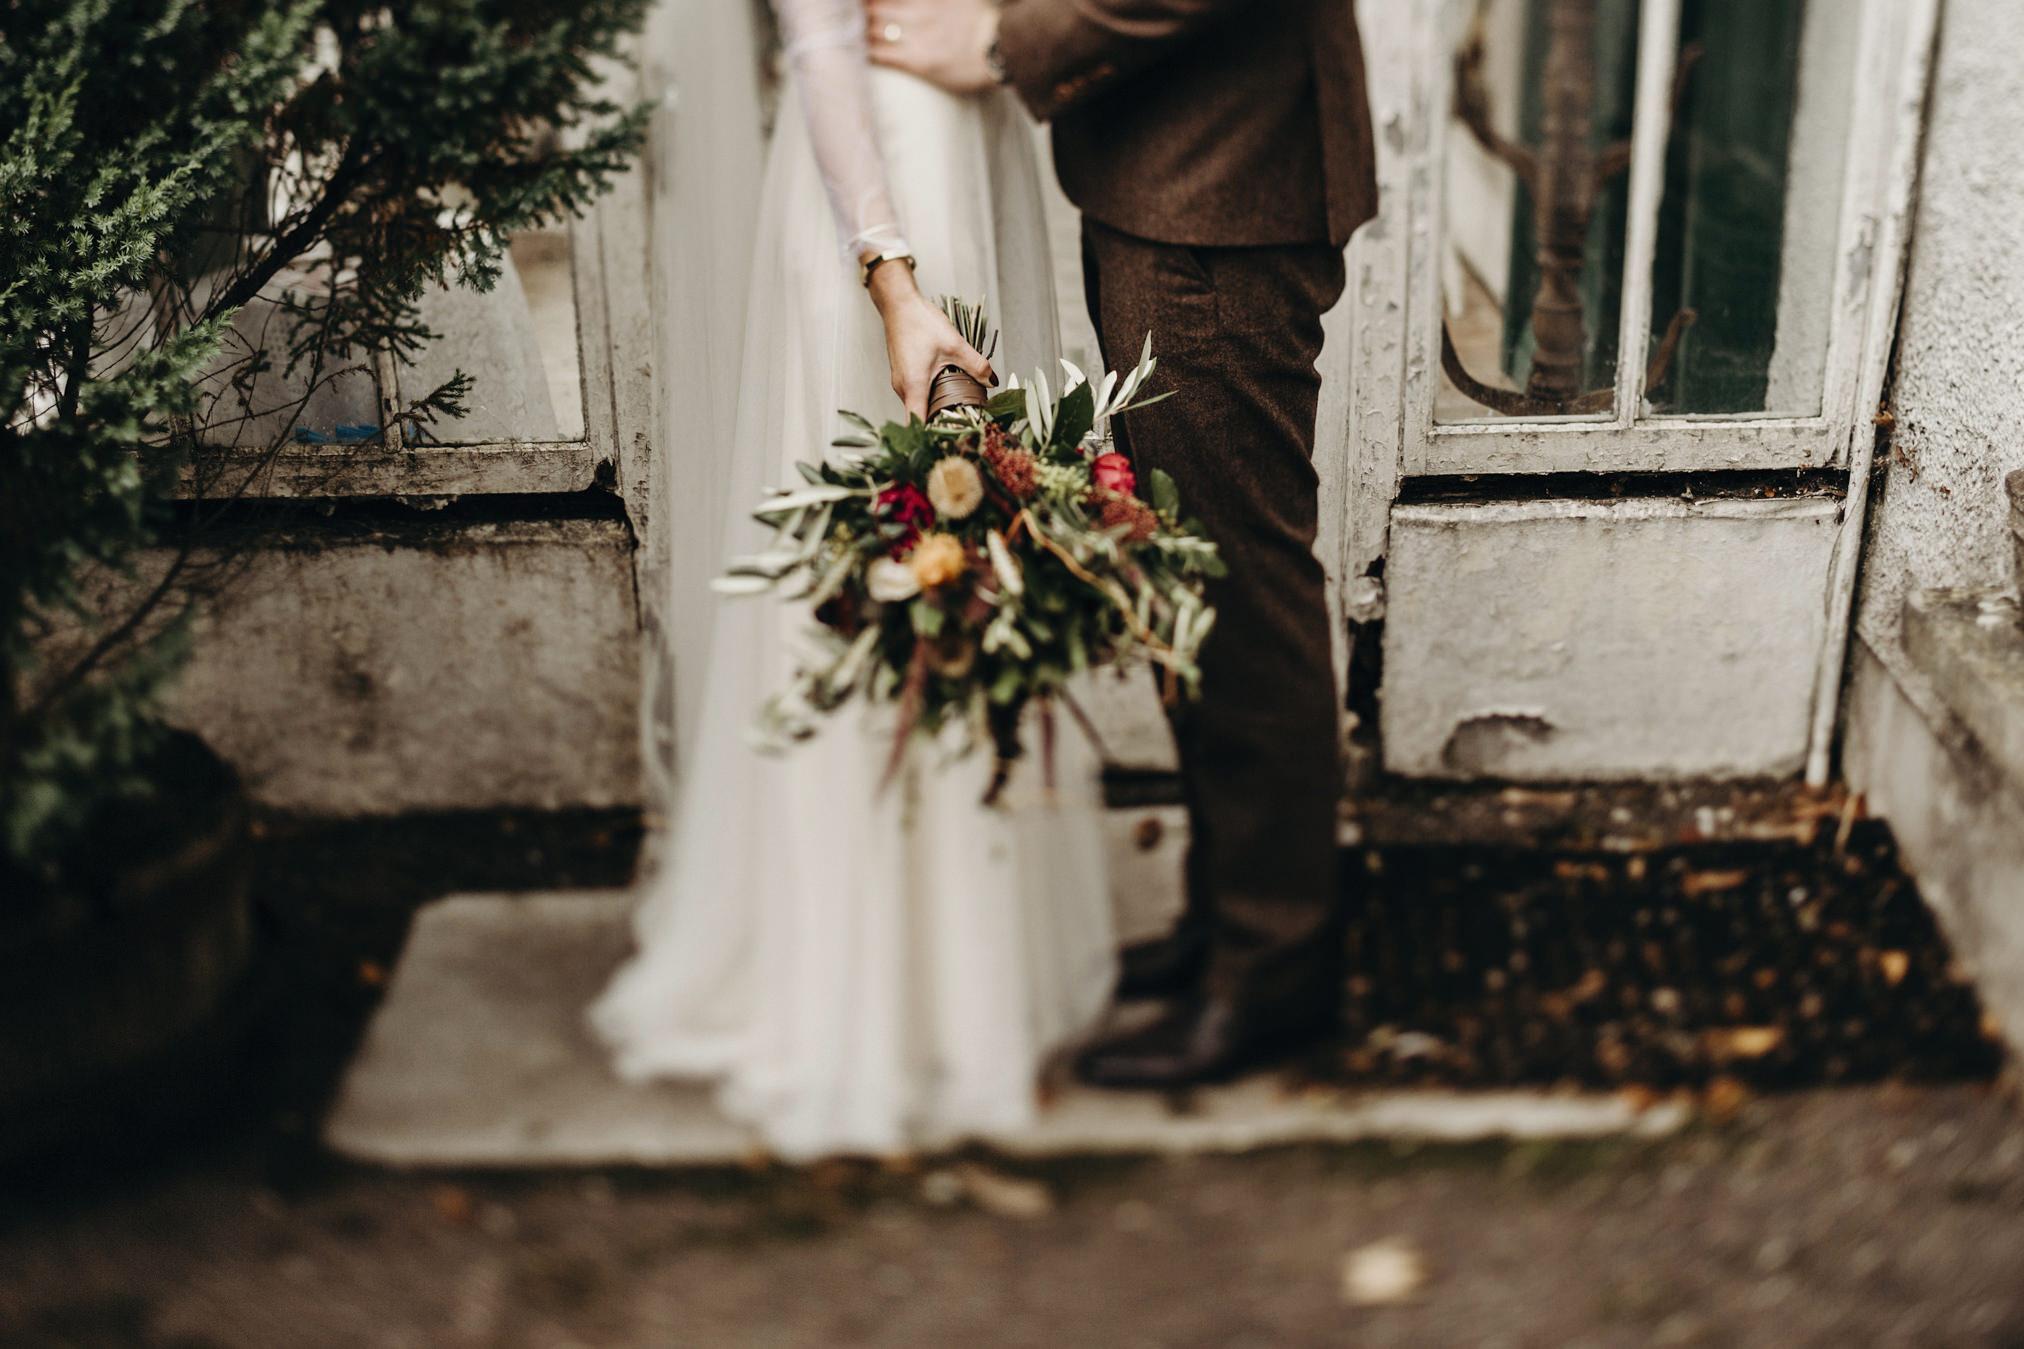 wedding photographer irelandGraciela Vilagudin Photography575.jpg